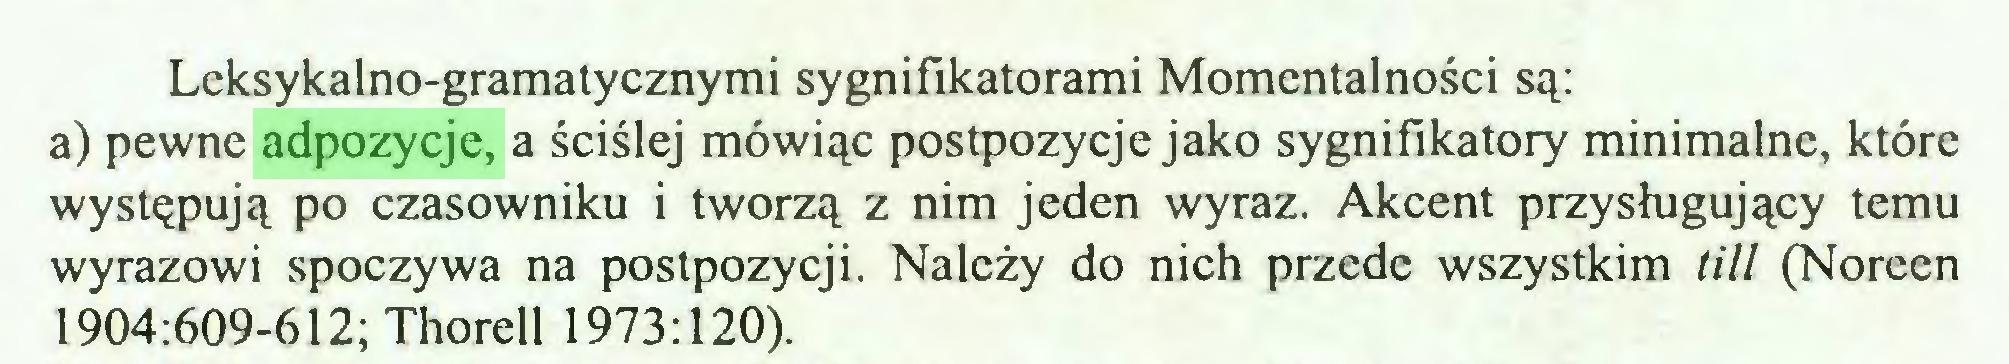 (...) Lcksykalno-gramatycznymi sygnifikatorami Momentalności są: a) pewne adpozycje, a ściślej mówiąc postpozycje jako sygnifikatory minimalne, które występują po czasowniku i tworzą z nim jeden wyraz. Akcent przysługujący temu wyrazowi spoczywa na postpozycji. Należy do nich przede wszystkim till (Noreen 1904:609-612; Thorell 1973:120)...